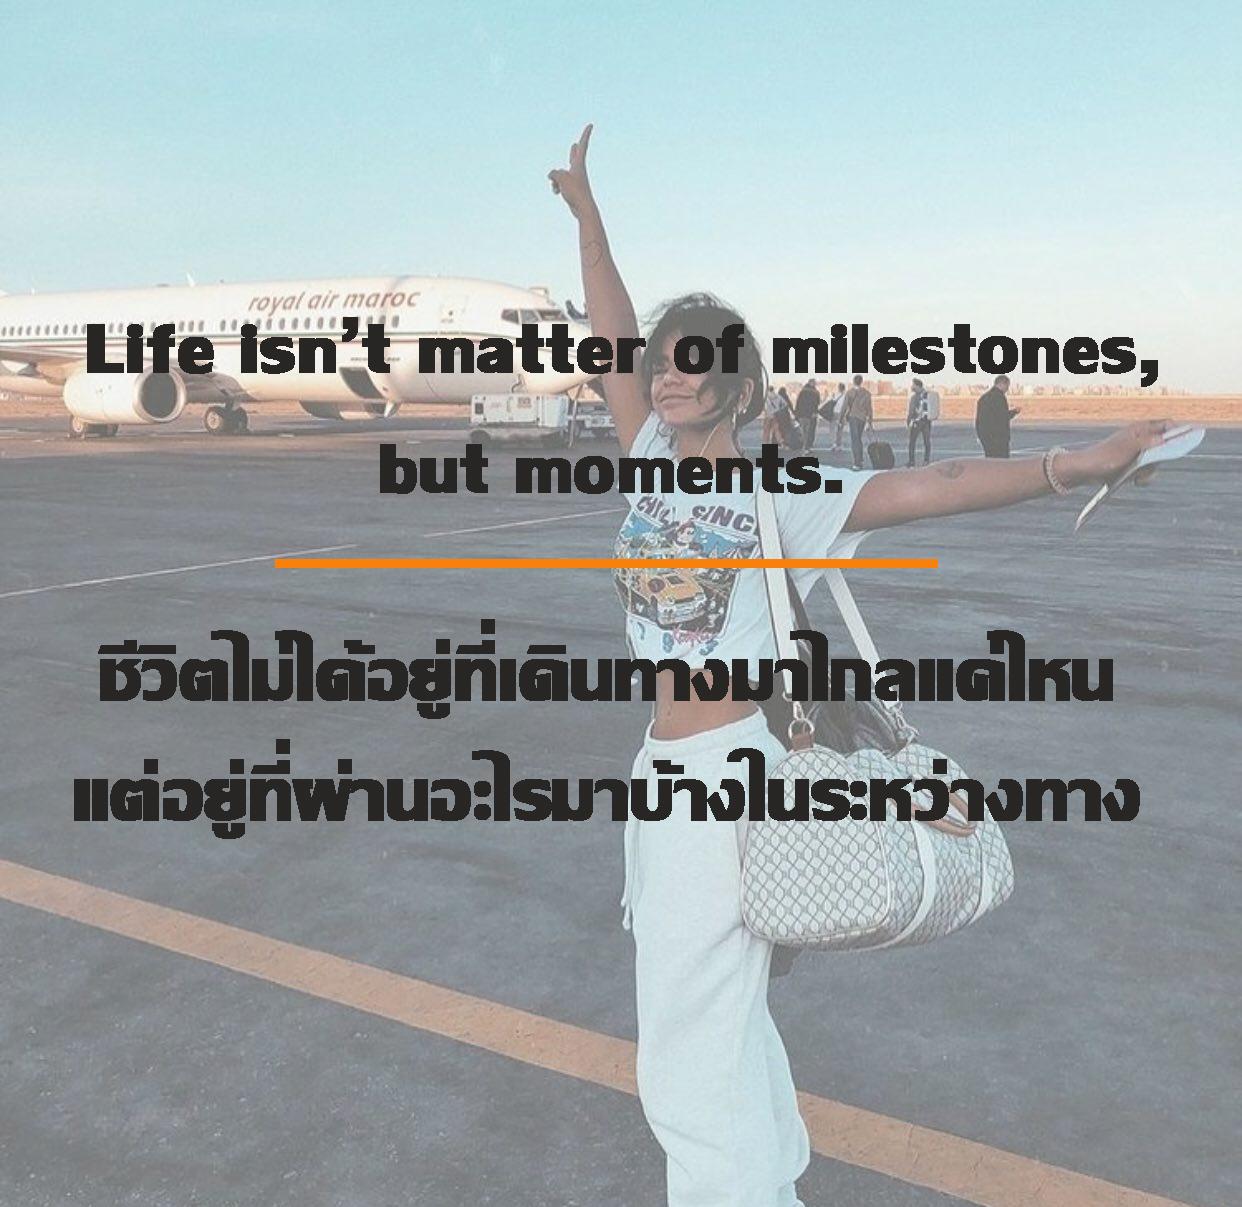 ชีวิตไม่ได้อยู่ที่เดินทางมาไกลแค่ไหน แต่อยู่ที่ผ่านอะไรมาบ้างในระหว่างทาง